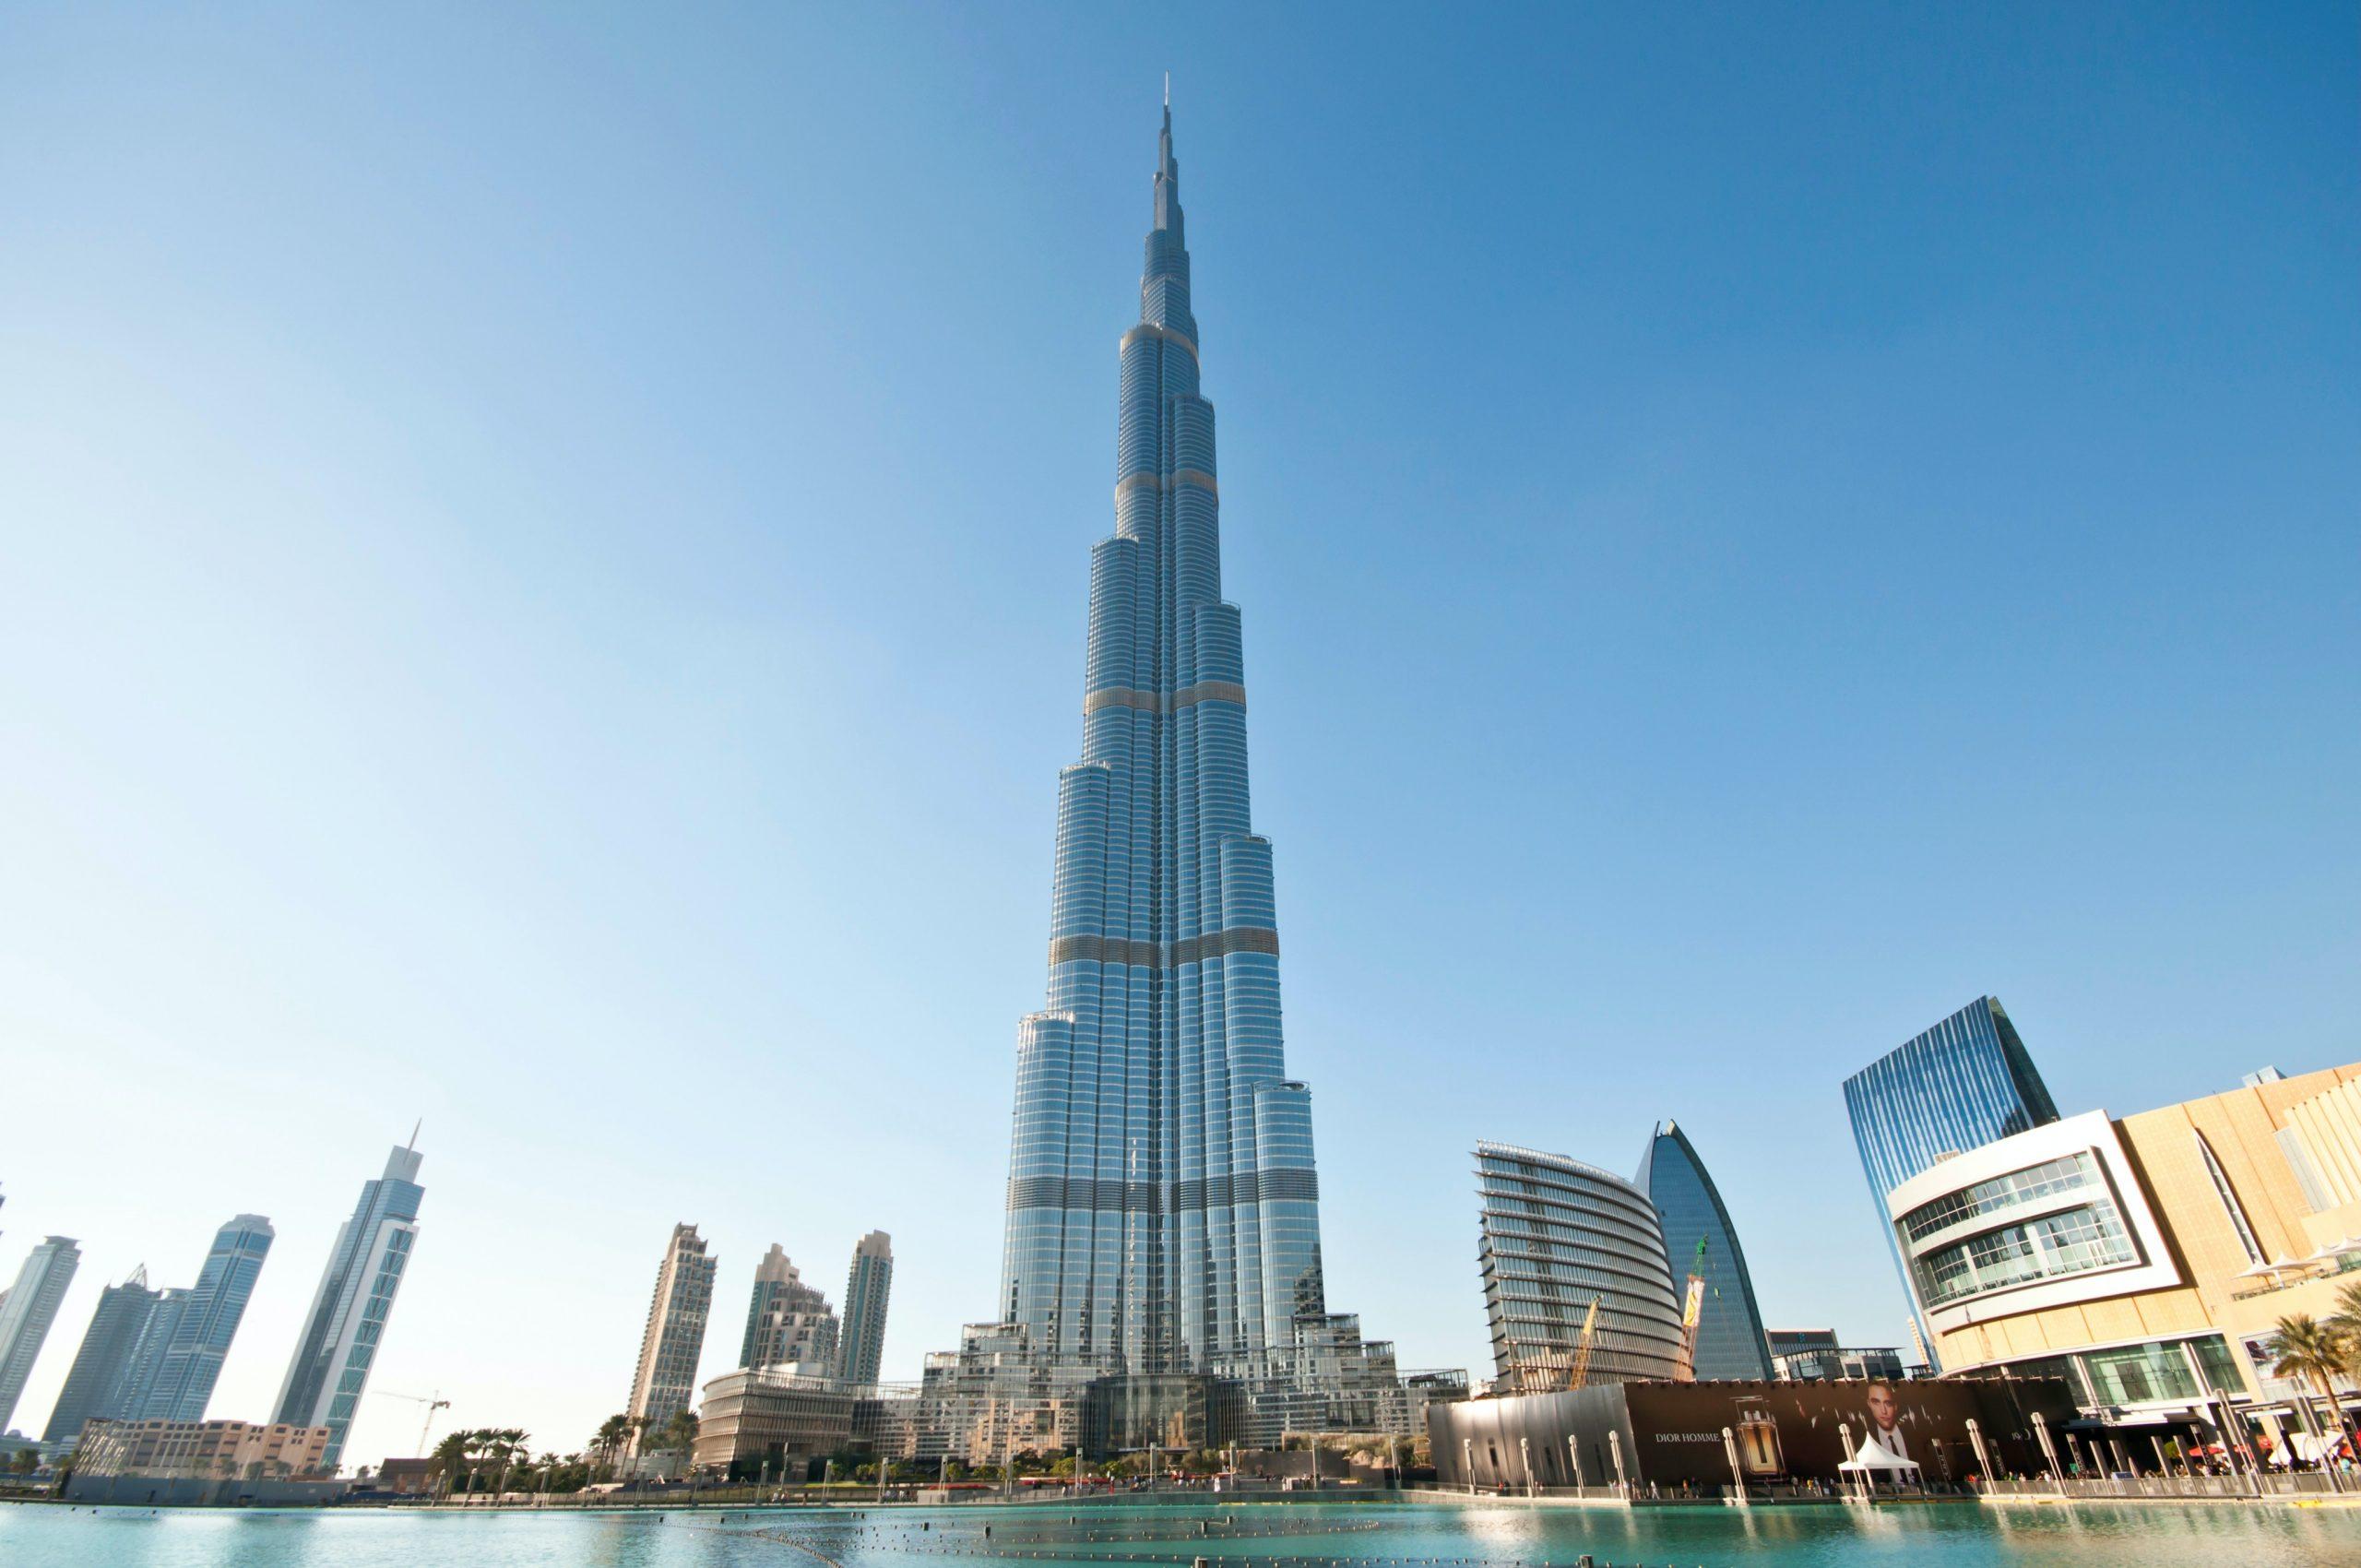 Fachada do arranha-céu Burj Khalifa, ao centro da imagem, em Dubai.